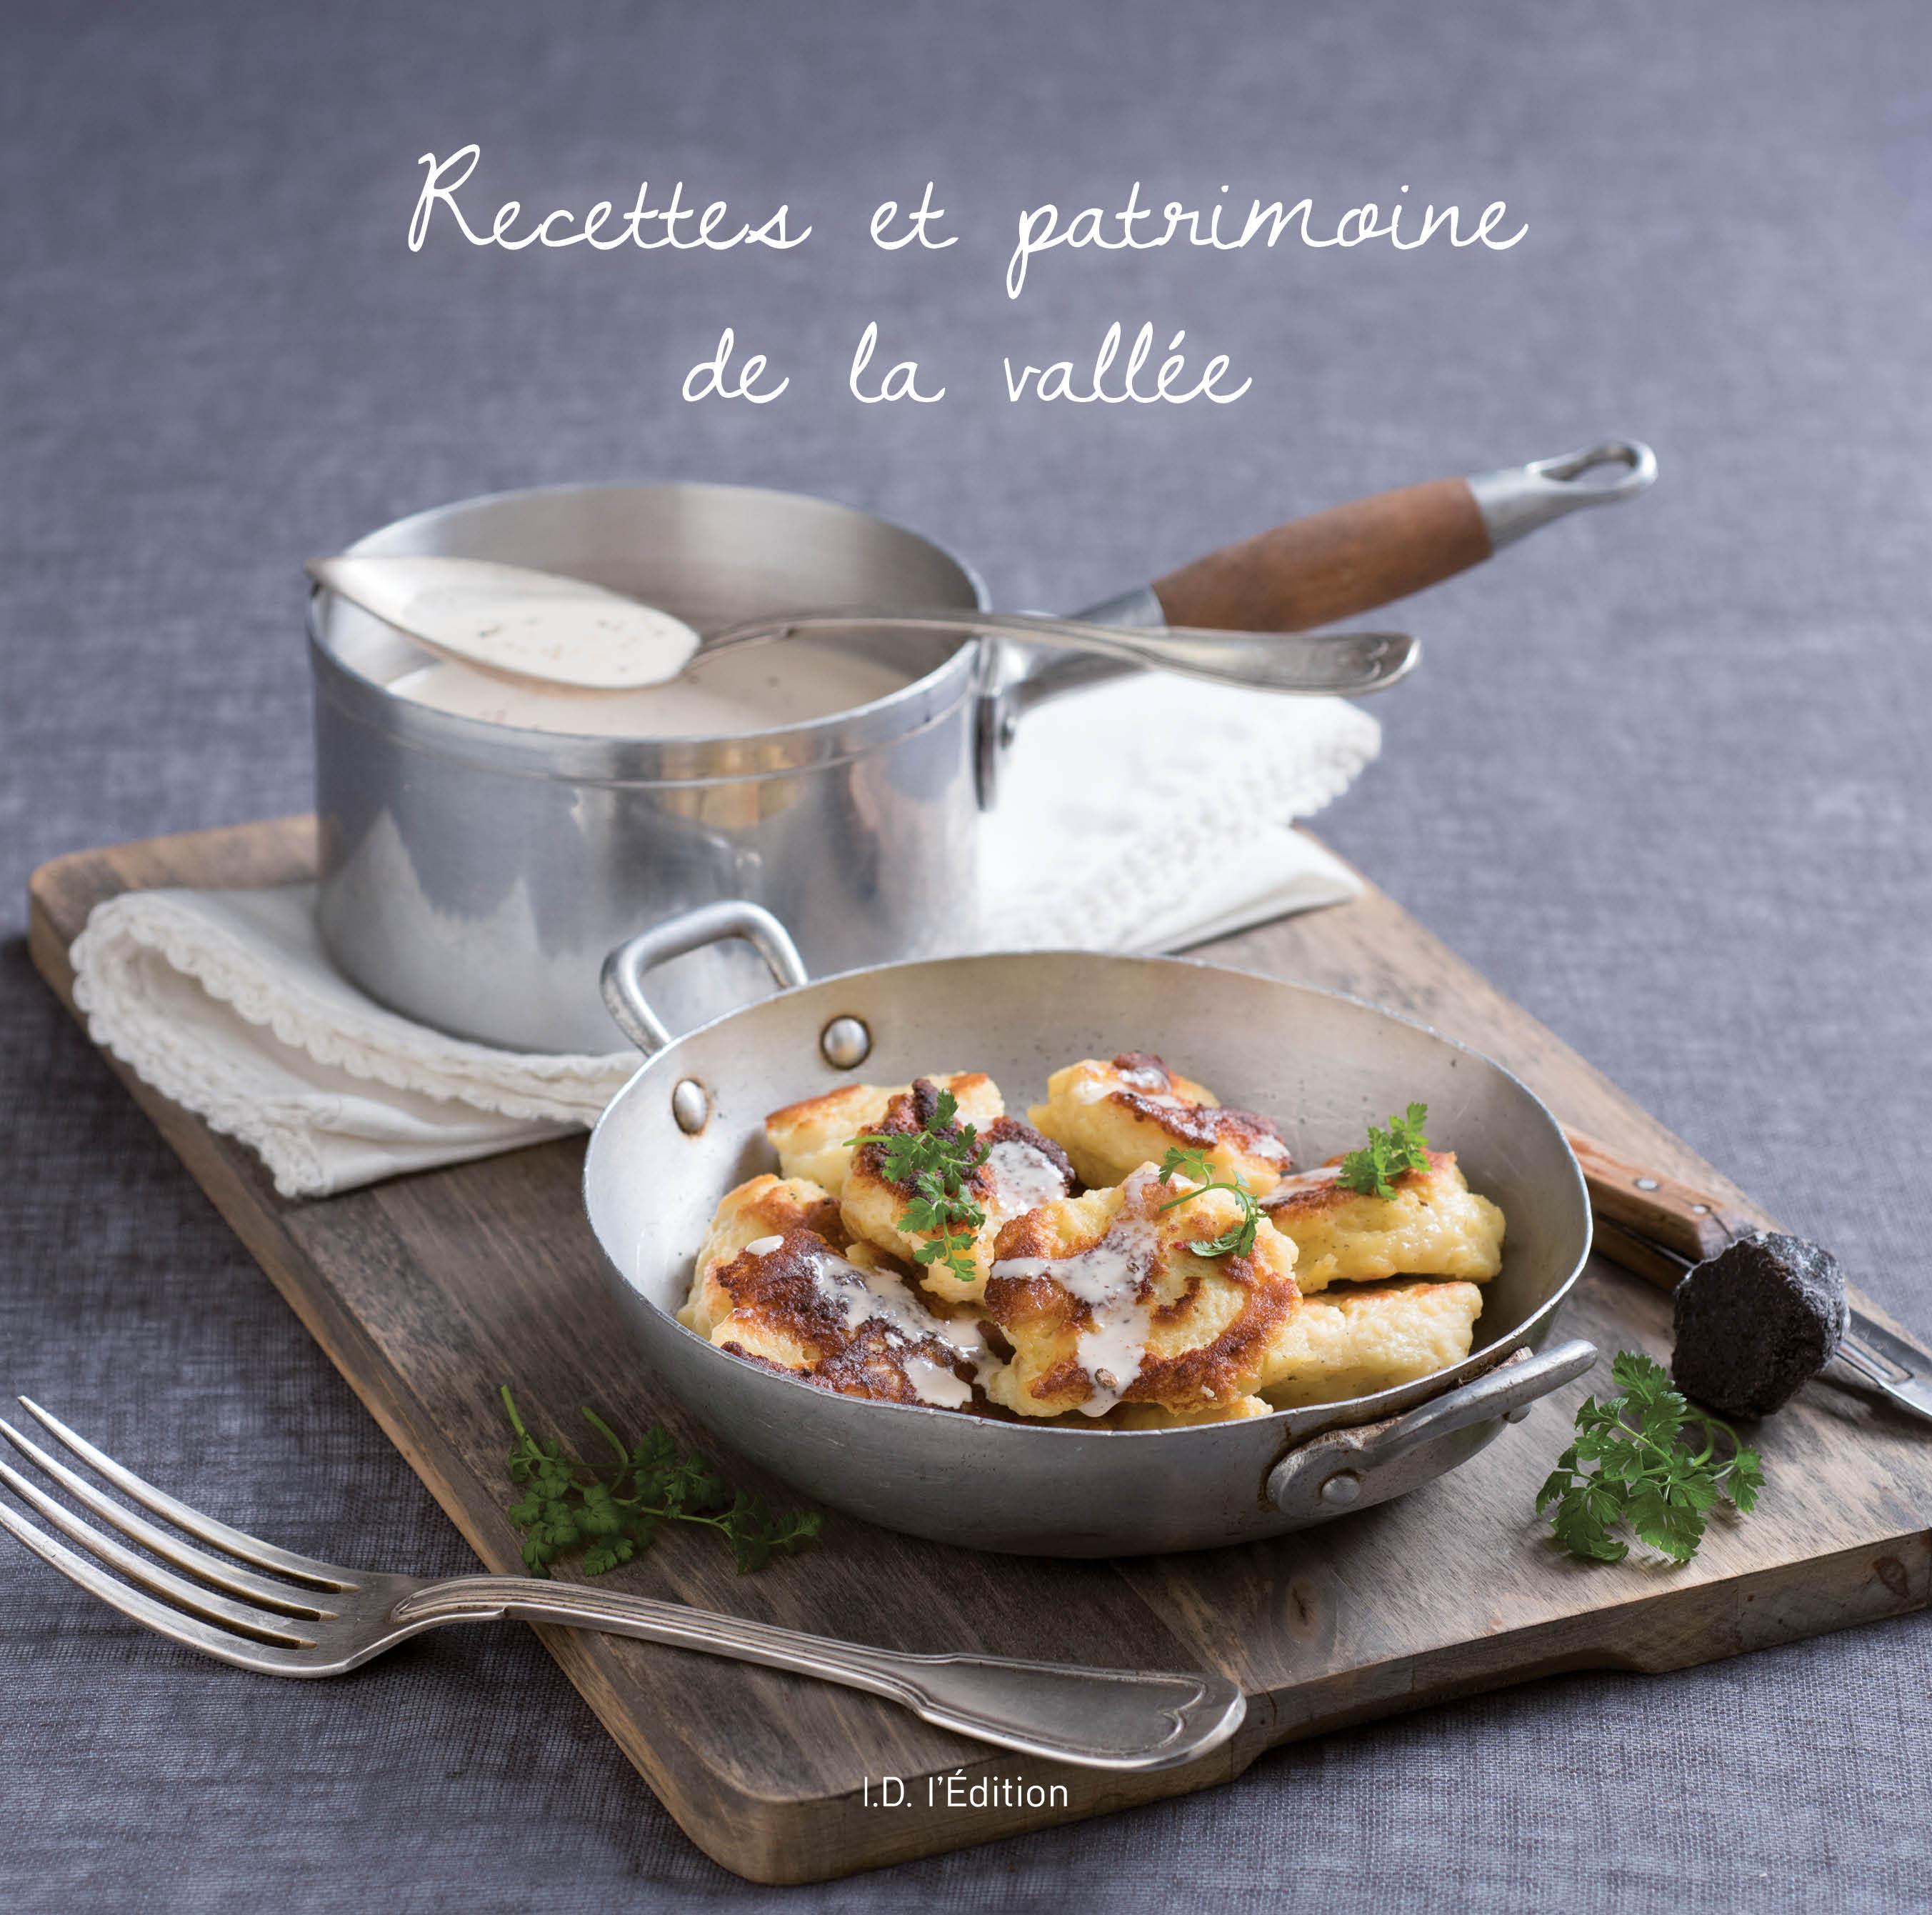 RECETTES ET PATRIMOINE DE LA VALLEE